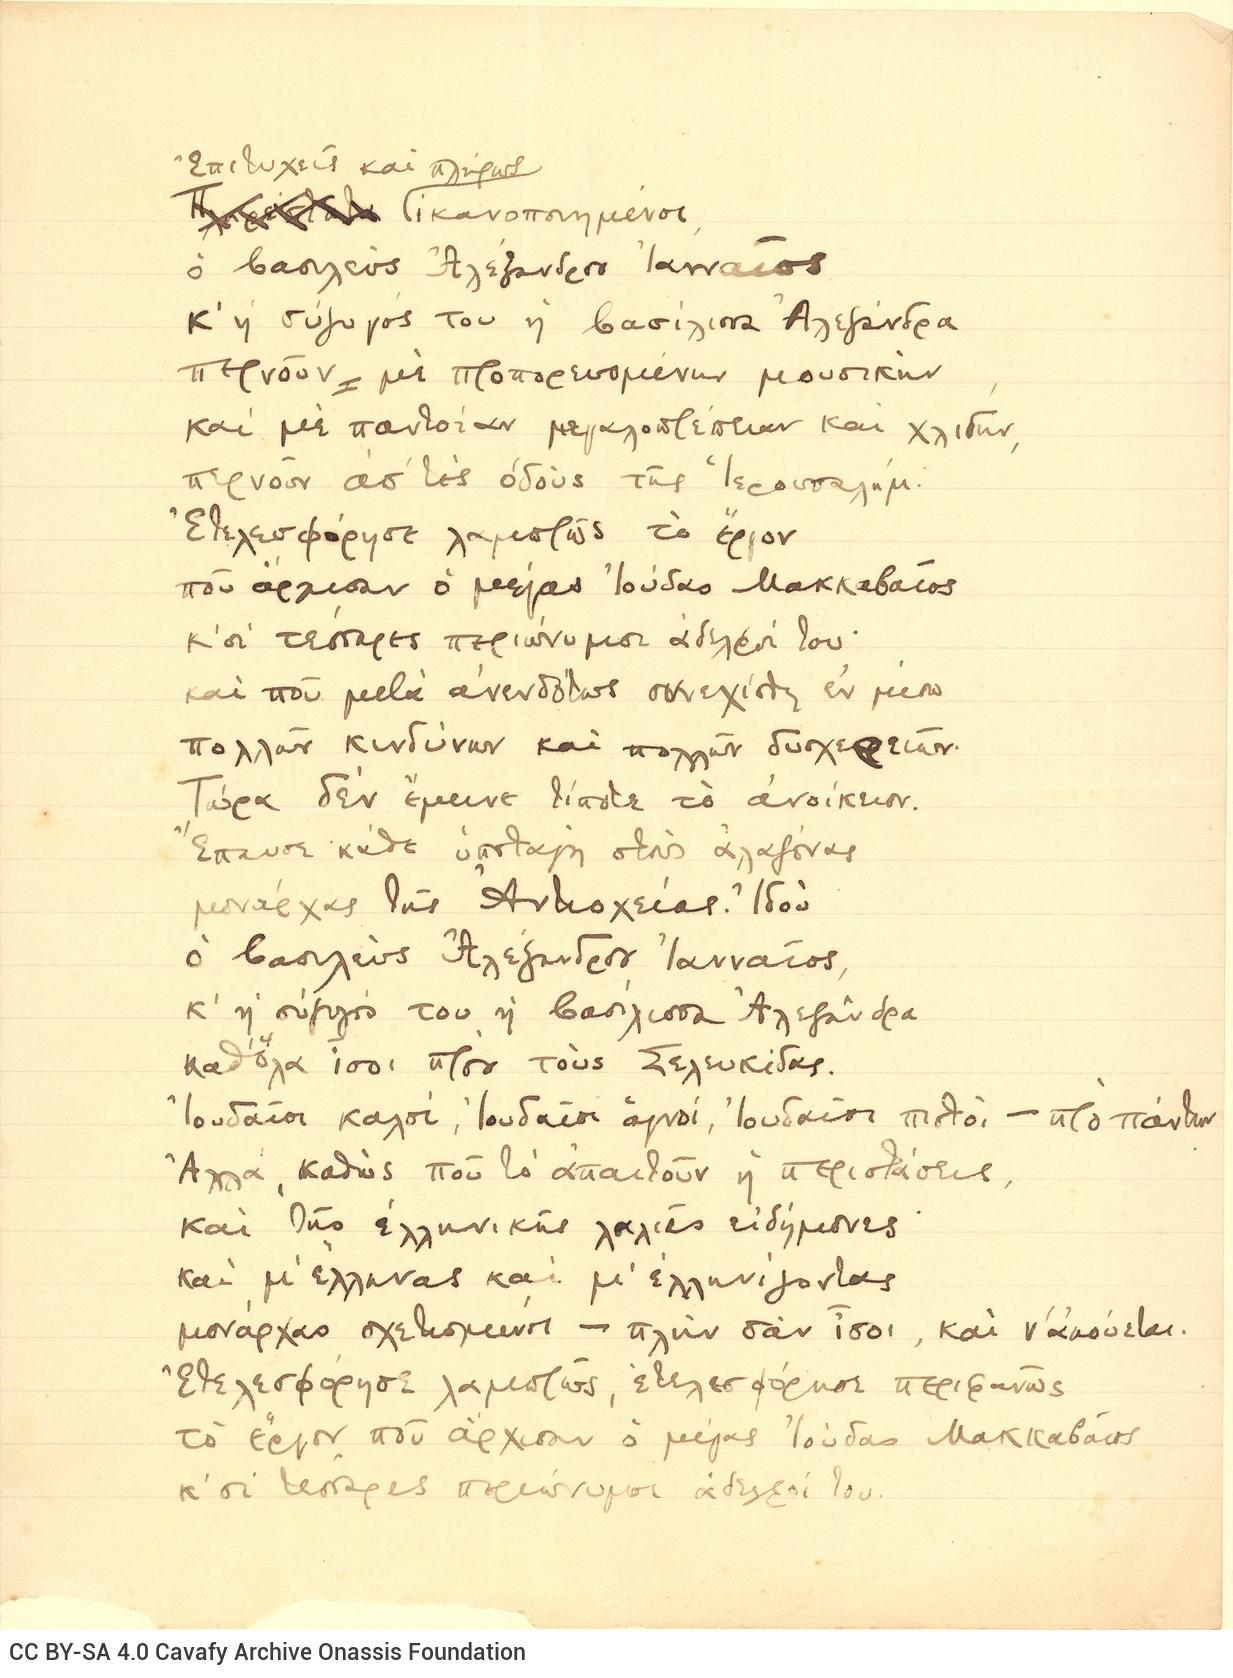 Χειρόγραφο ποίημα χωρίς τίτλο, στη μία όψη διαγραμμισμένου φύλλου.